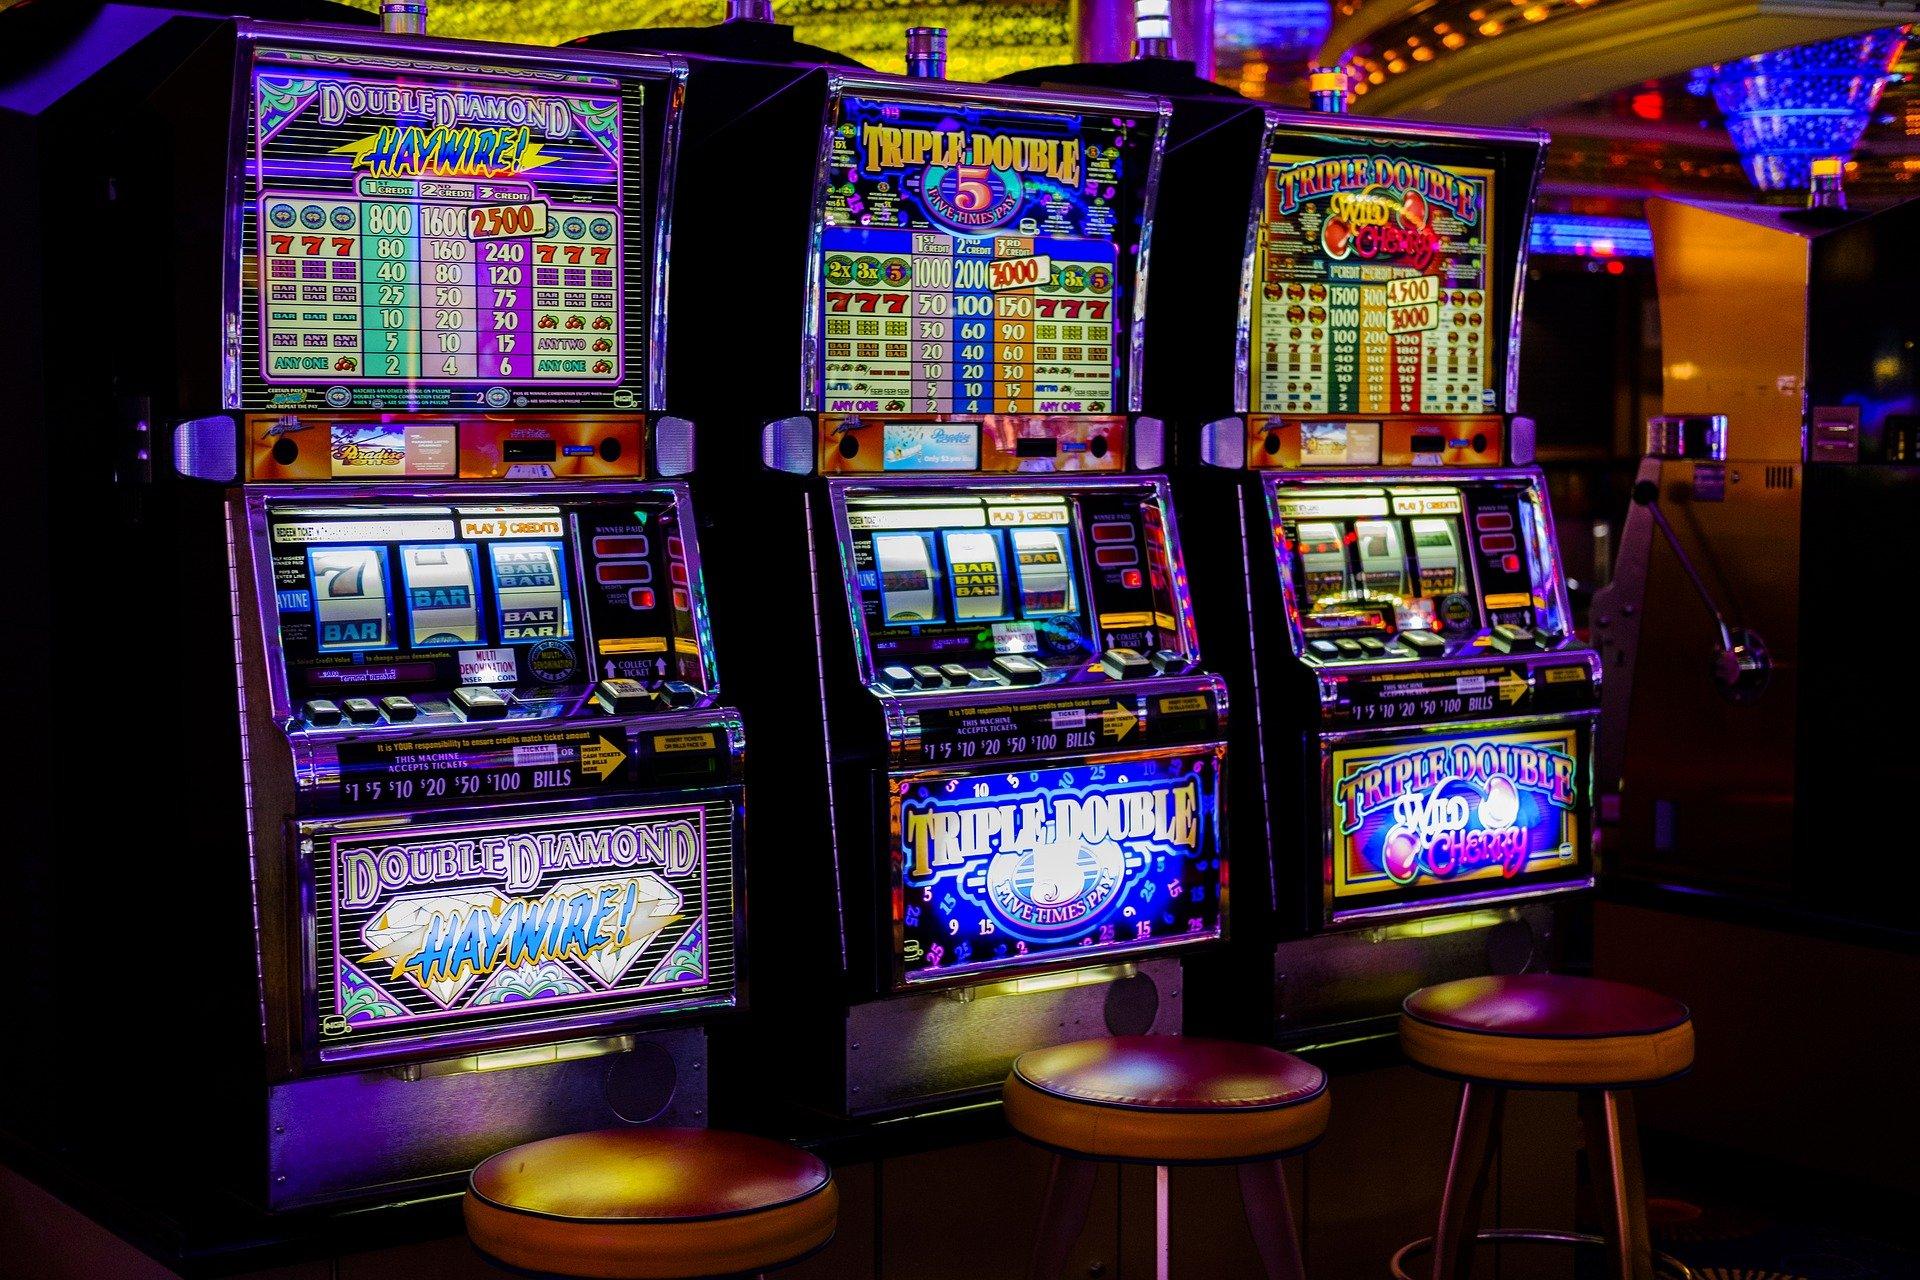 Los mejores casinos de Bitcoin están en camino de superar a los casinos tradicionales